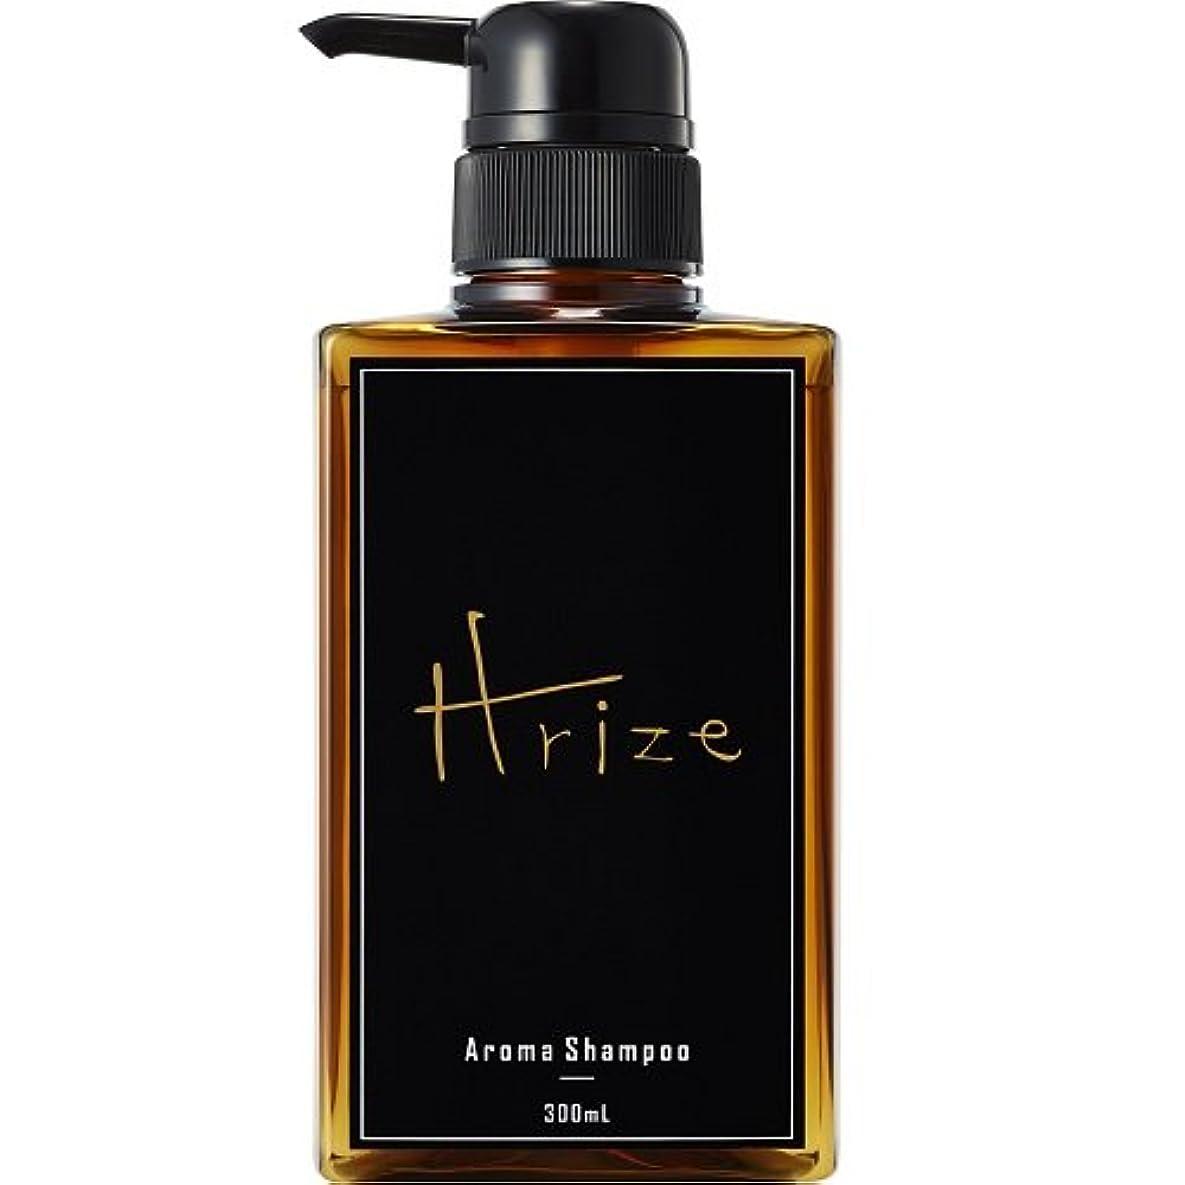 怒り解体するシンカンH-RIZE(エイチライズ)アロマシャンプー 300ml